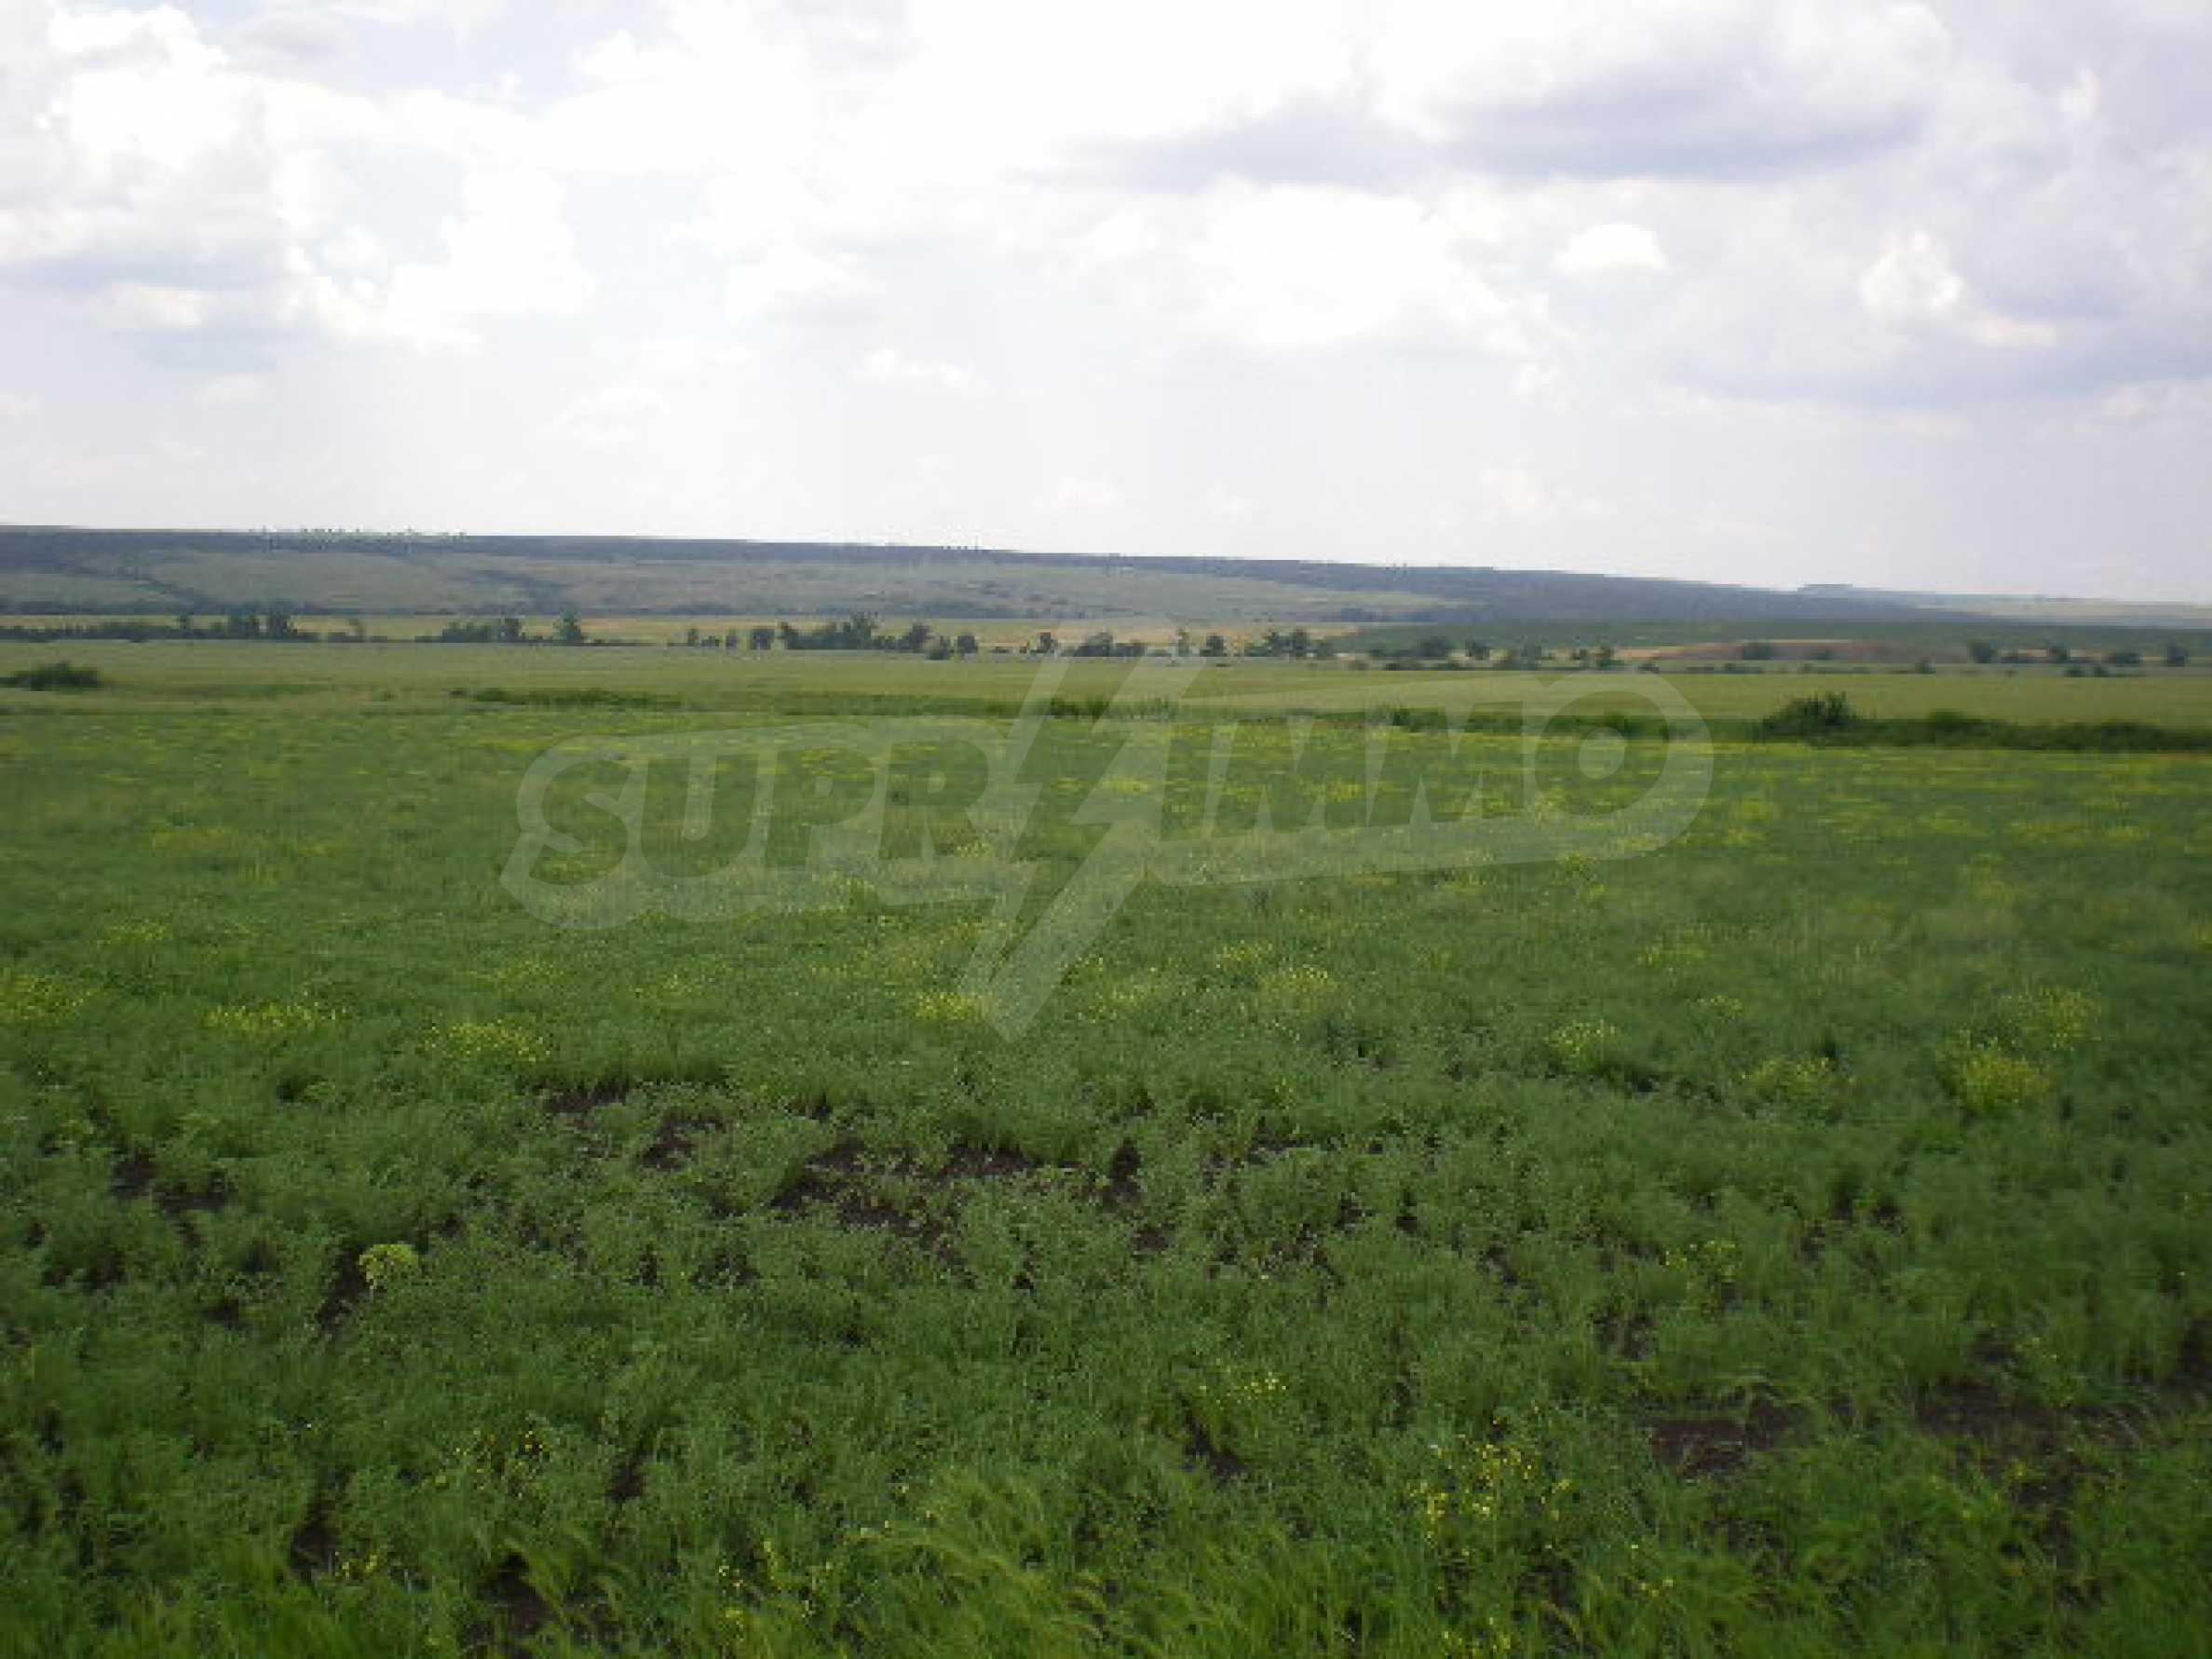 Огромный участок сельскохозяйственной земли недалеко от магистрали